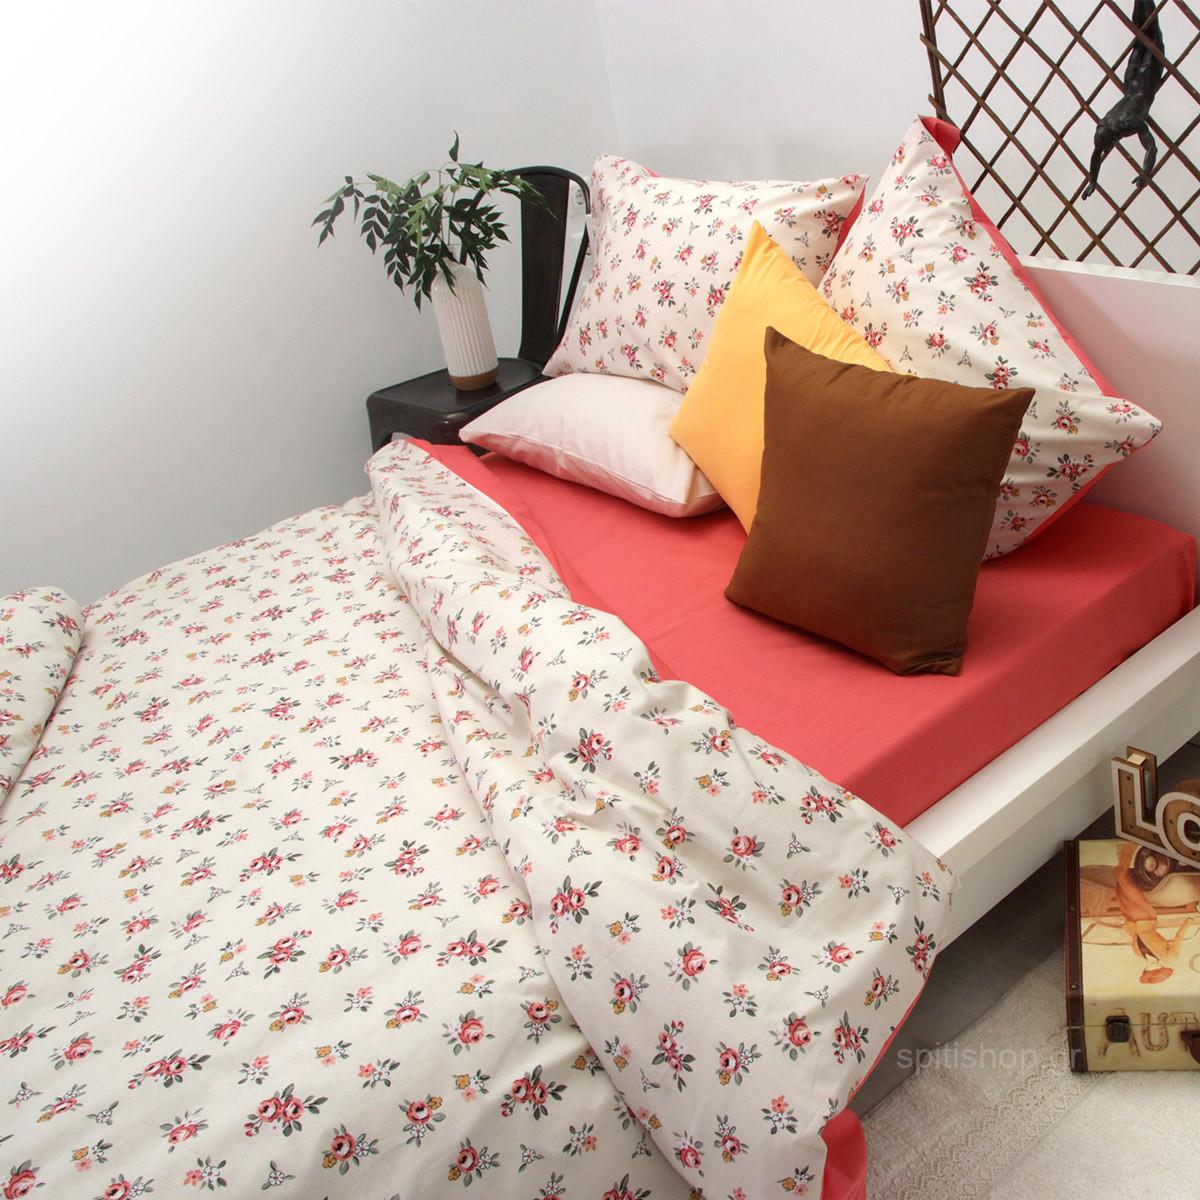 Παπλωματοθήκη Υπέρδιπλη Sb Home Floral Corali